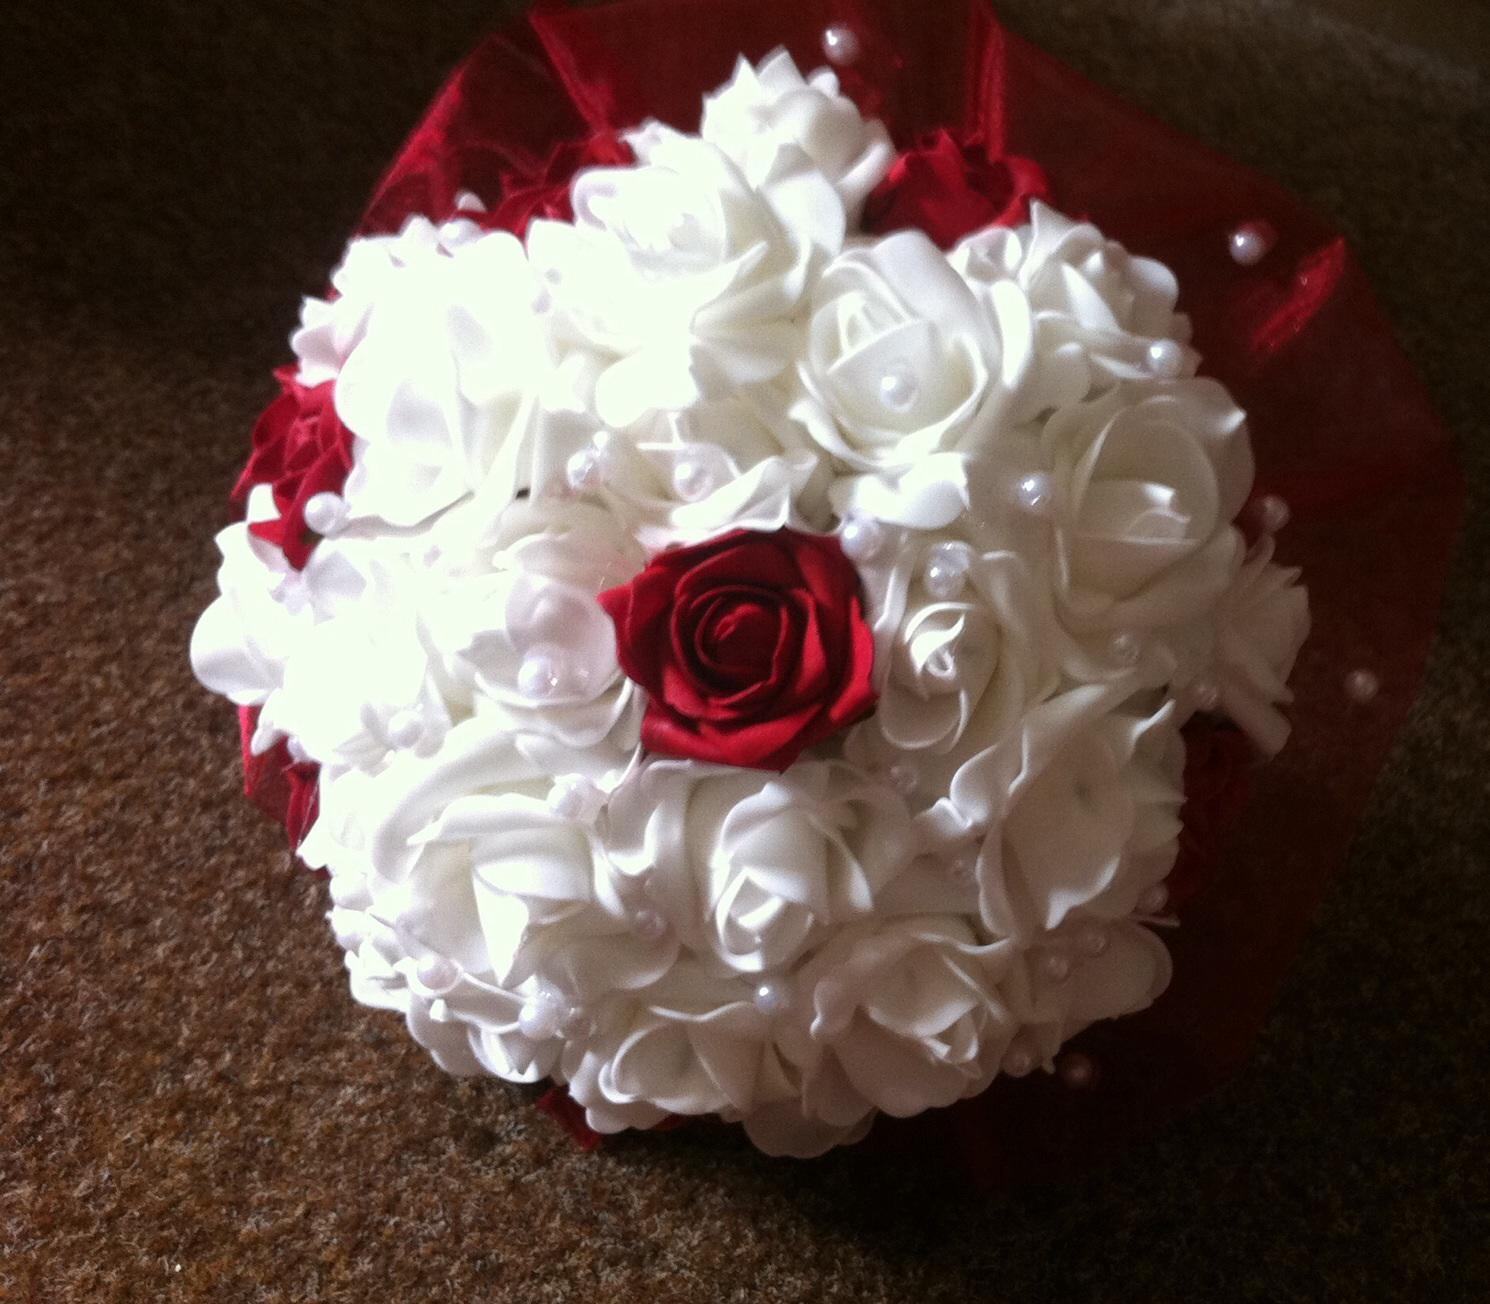 Netradiční svatební kytice - pěnové růžičky + polštářky pod prstýnky, košíčky - Obrázek č. 92